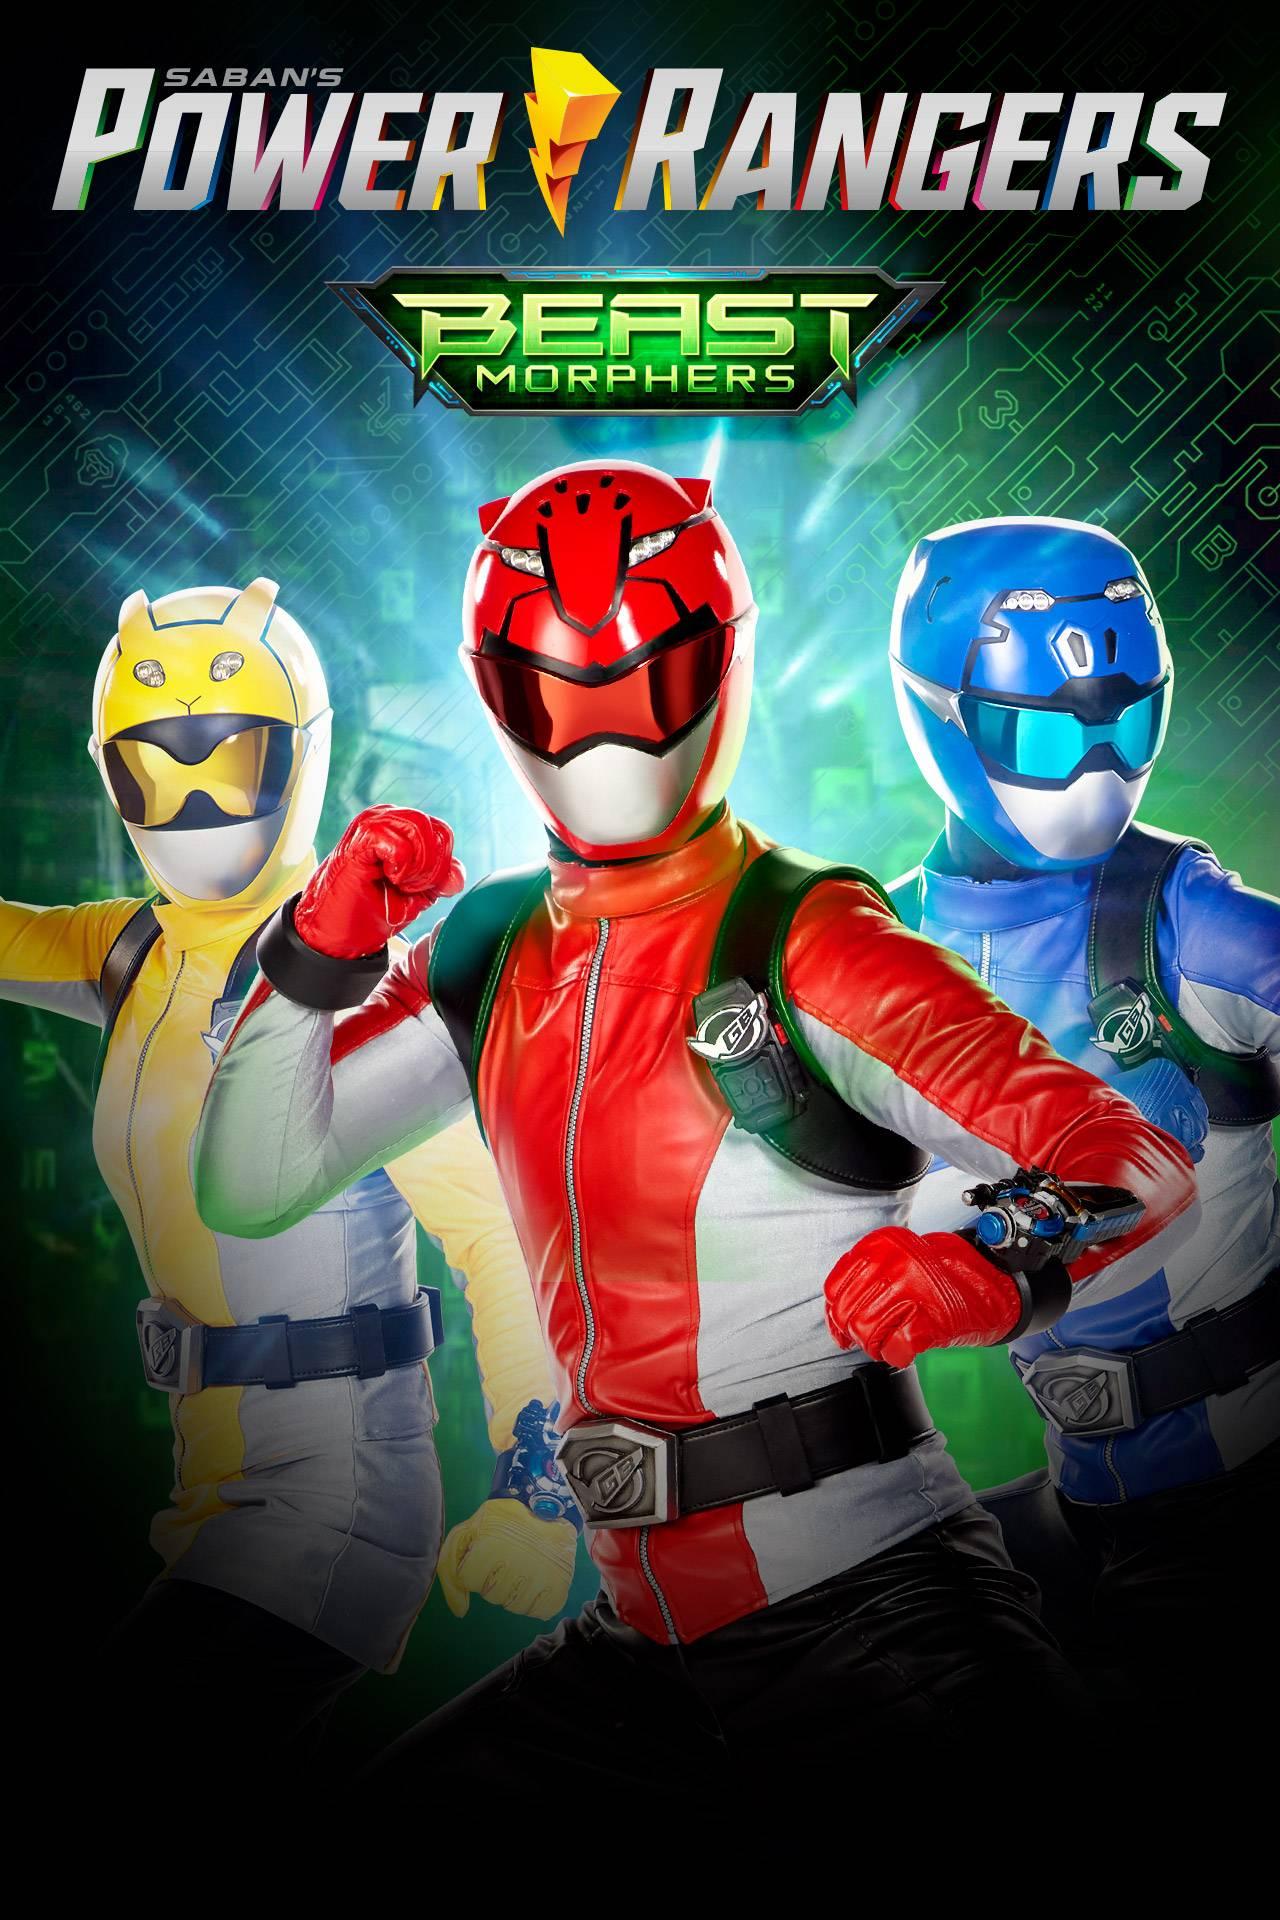 Power Rangers Beast Morphers - Official TV Series | Nickelodeon